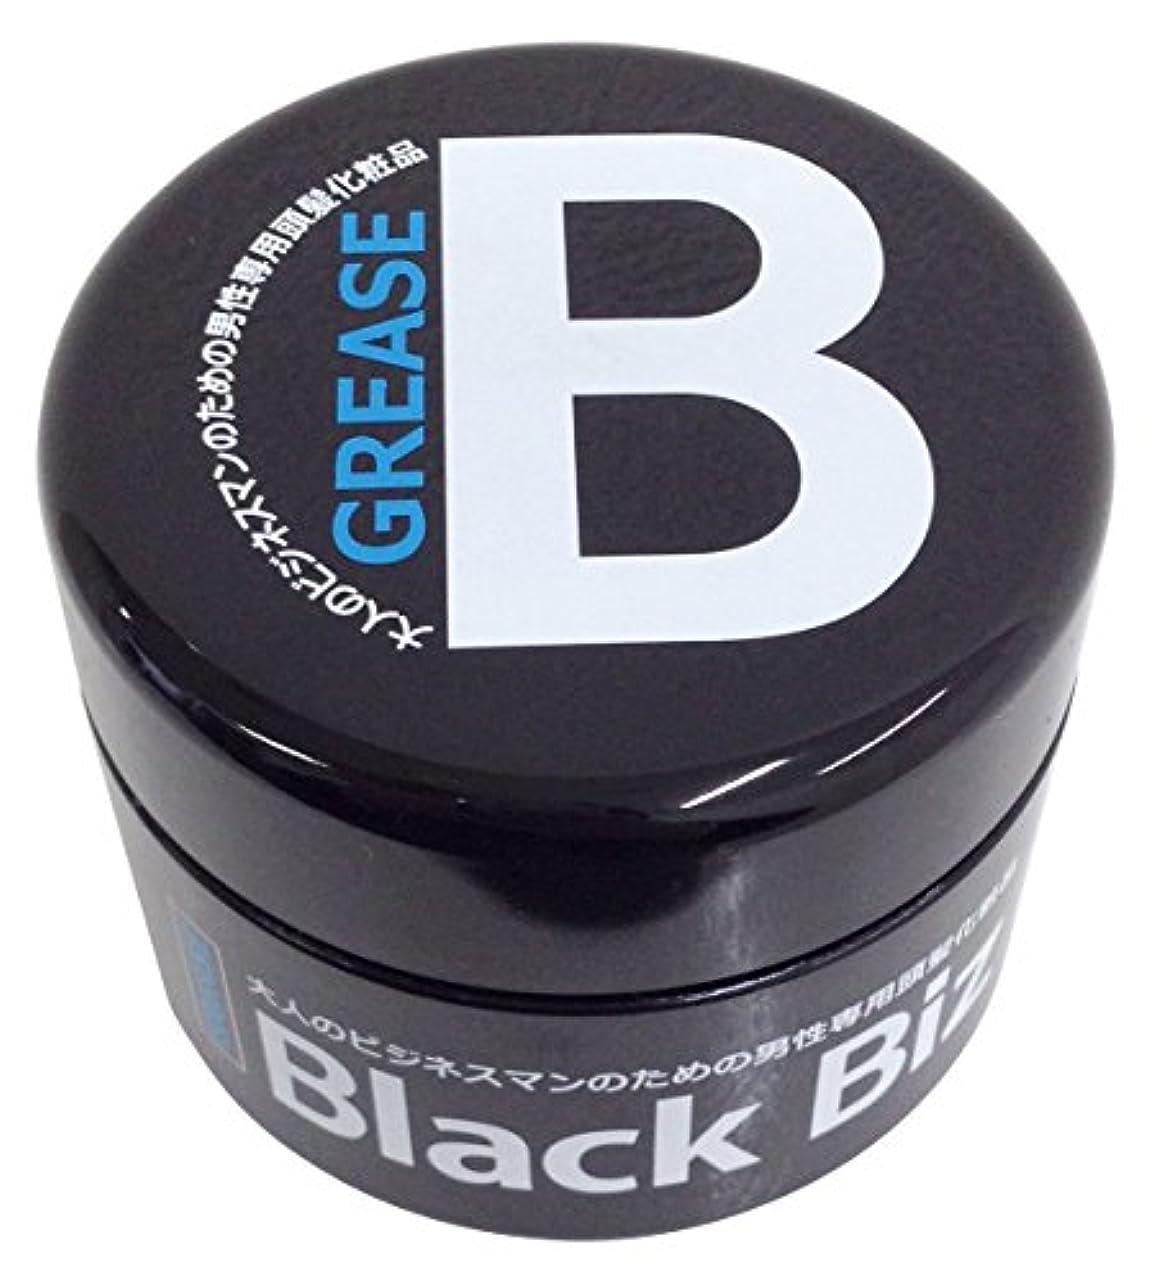 修理工好奇心墓大人のビジネスマンのための男性専用頭髪化粧品 BlackBiz GREASE SOFT ブラックビズ グリース ソフト